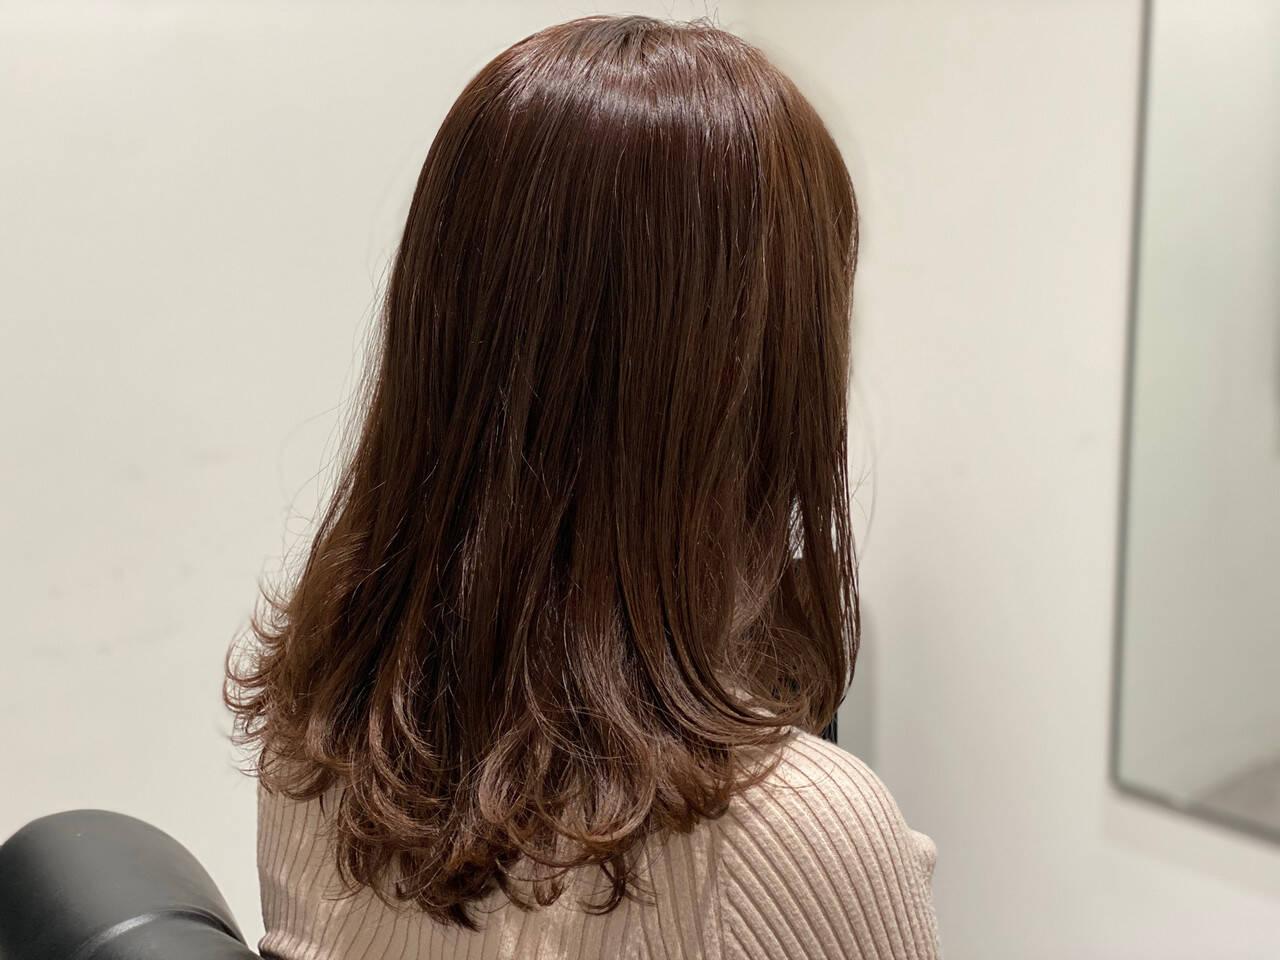 セミロング 大人かわいい グレージュ 外国人風カラーヘアスタイルや髪型の写真・画像